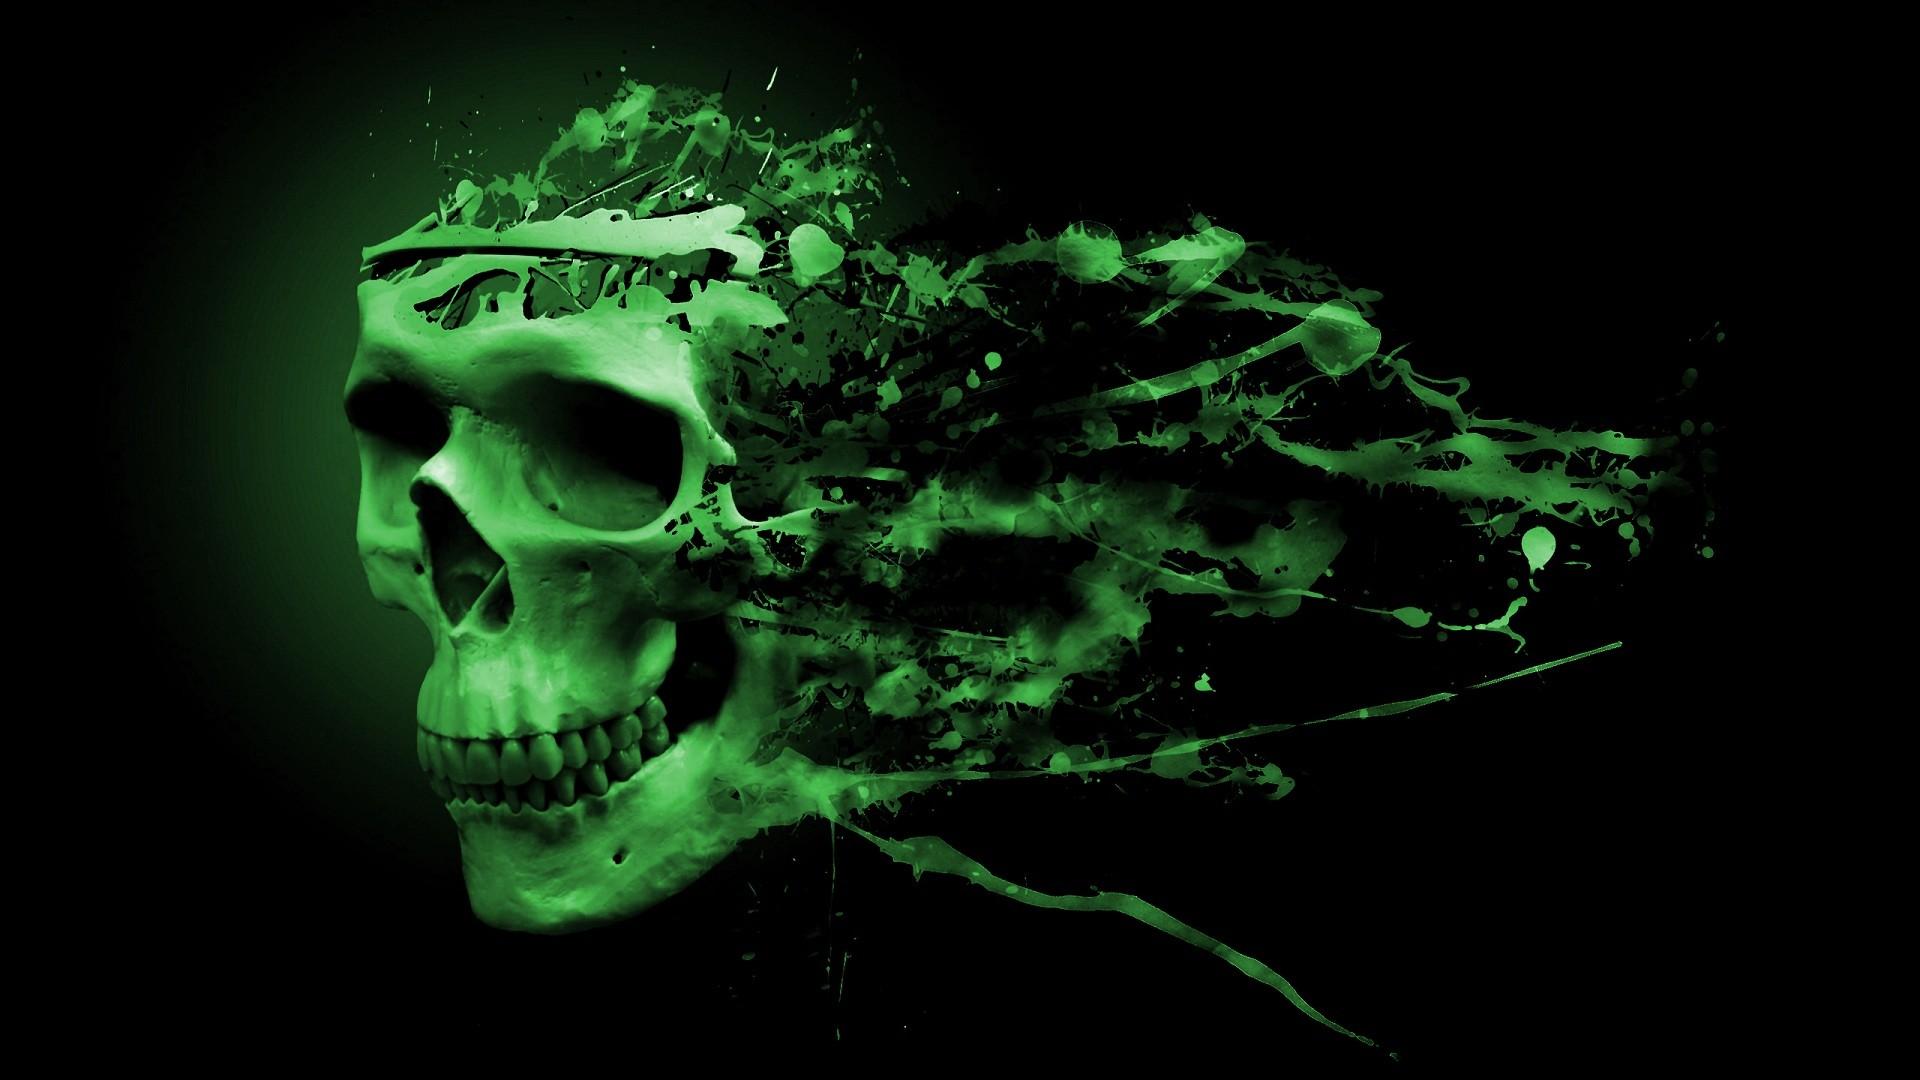 Green Skull Wallpaper Hd Skull hd wallpaper